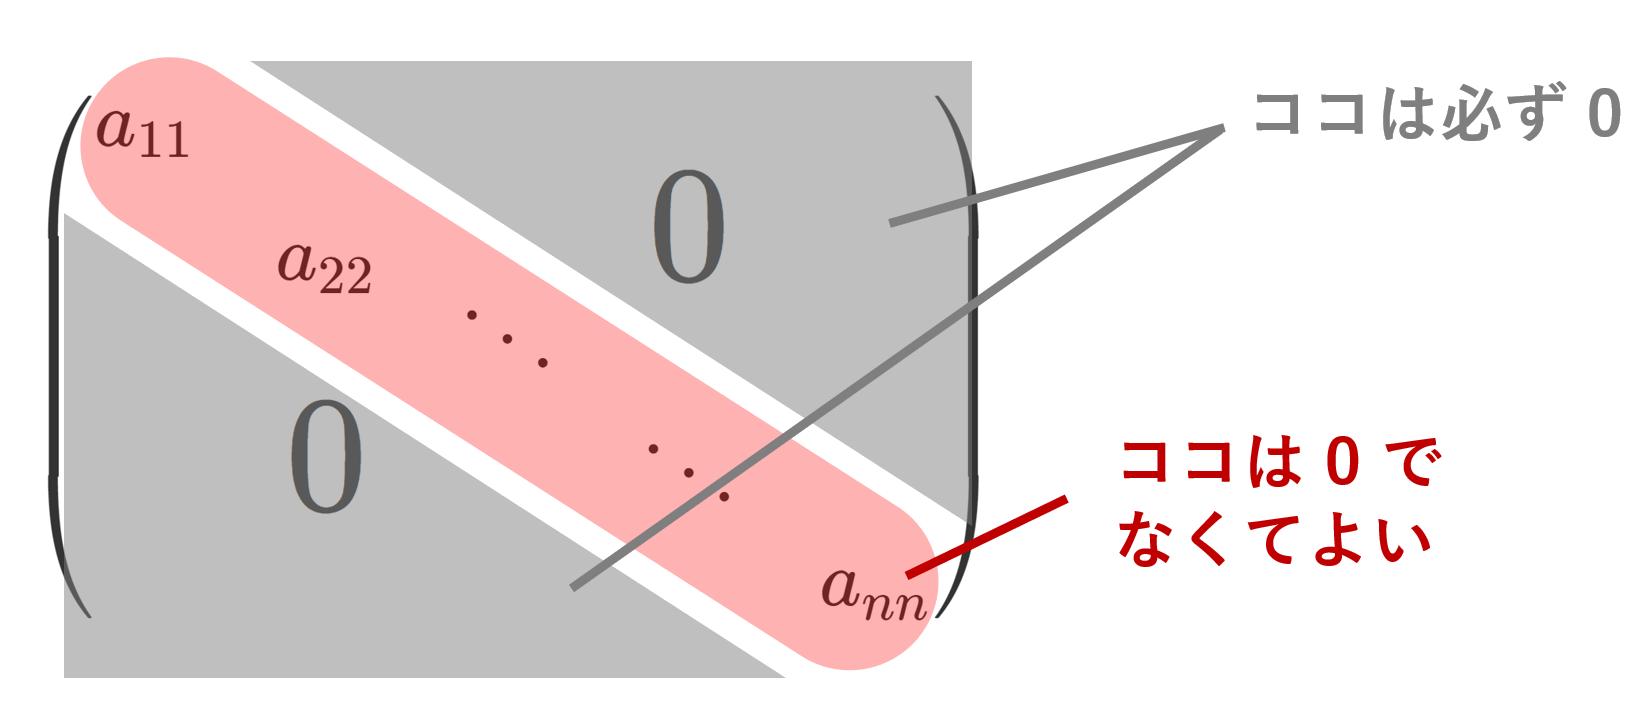 対角行列の定義と基本的な性質6つ